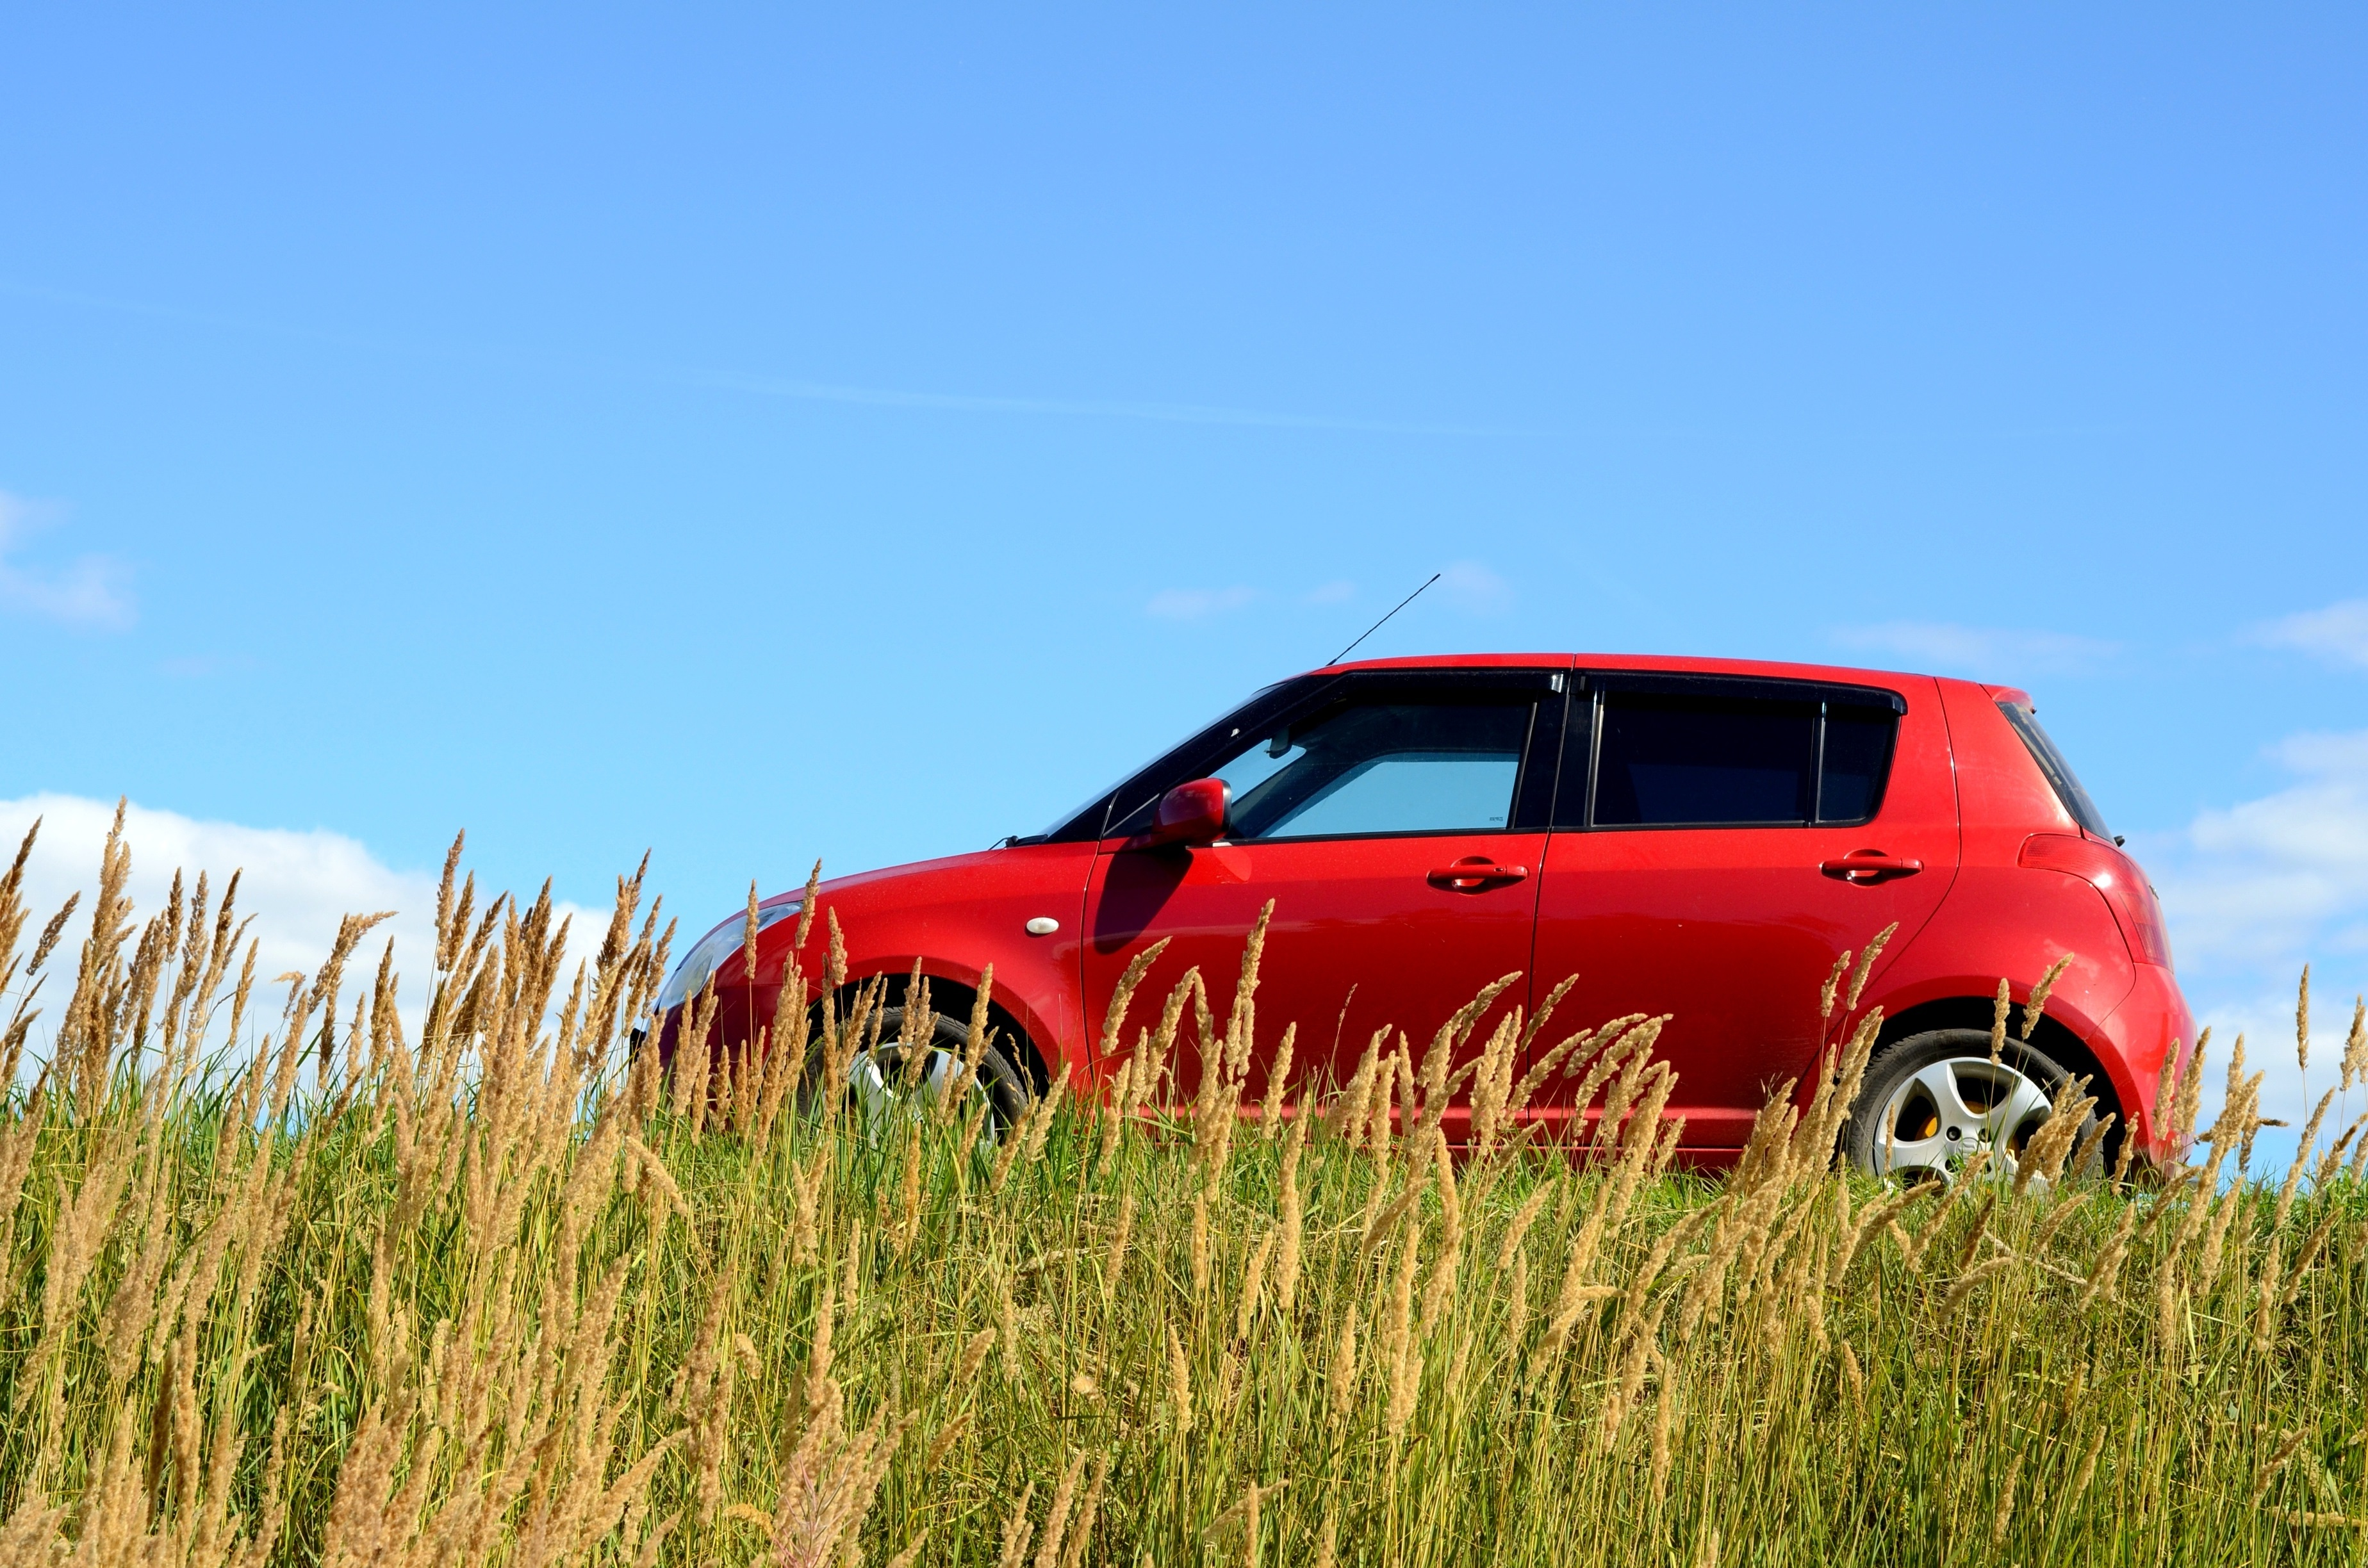 Red Suzuki Swift in field